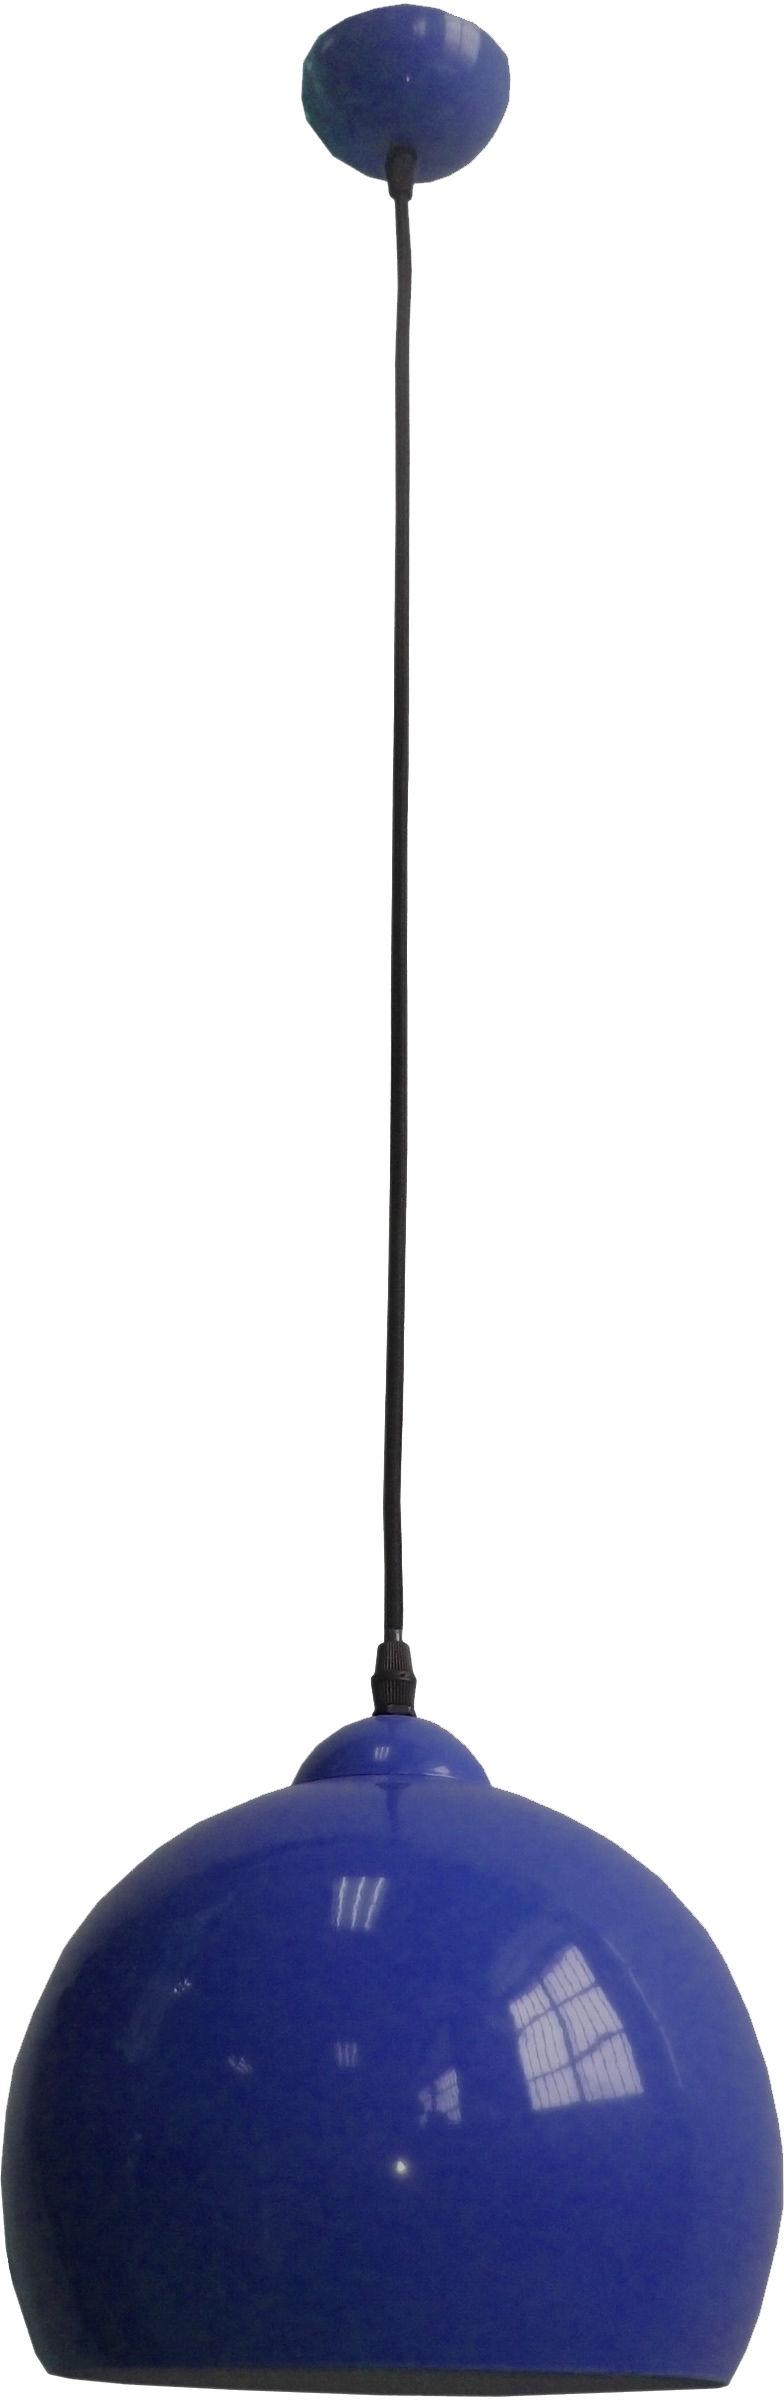 Candellux STUDENT 31-96657 lampa wisząca metalowy półkulisty klosz chabrowy 1X60W E27 25 cm